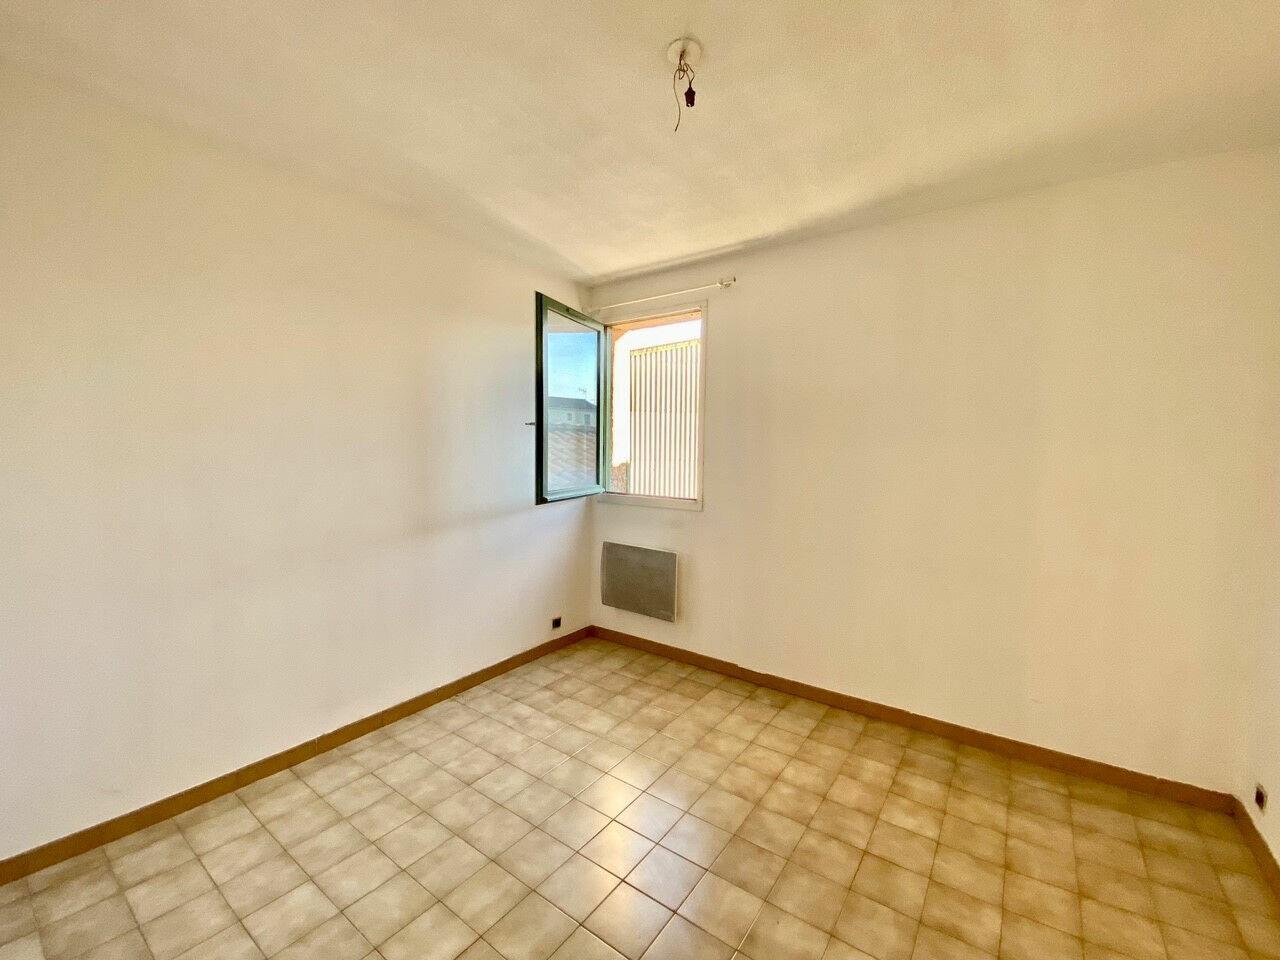 Appartement à louer 2 37m2 à Pertuis vignette-4